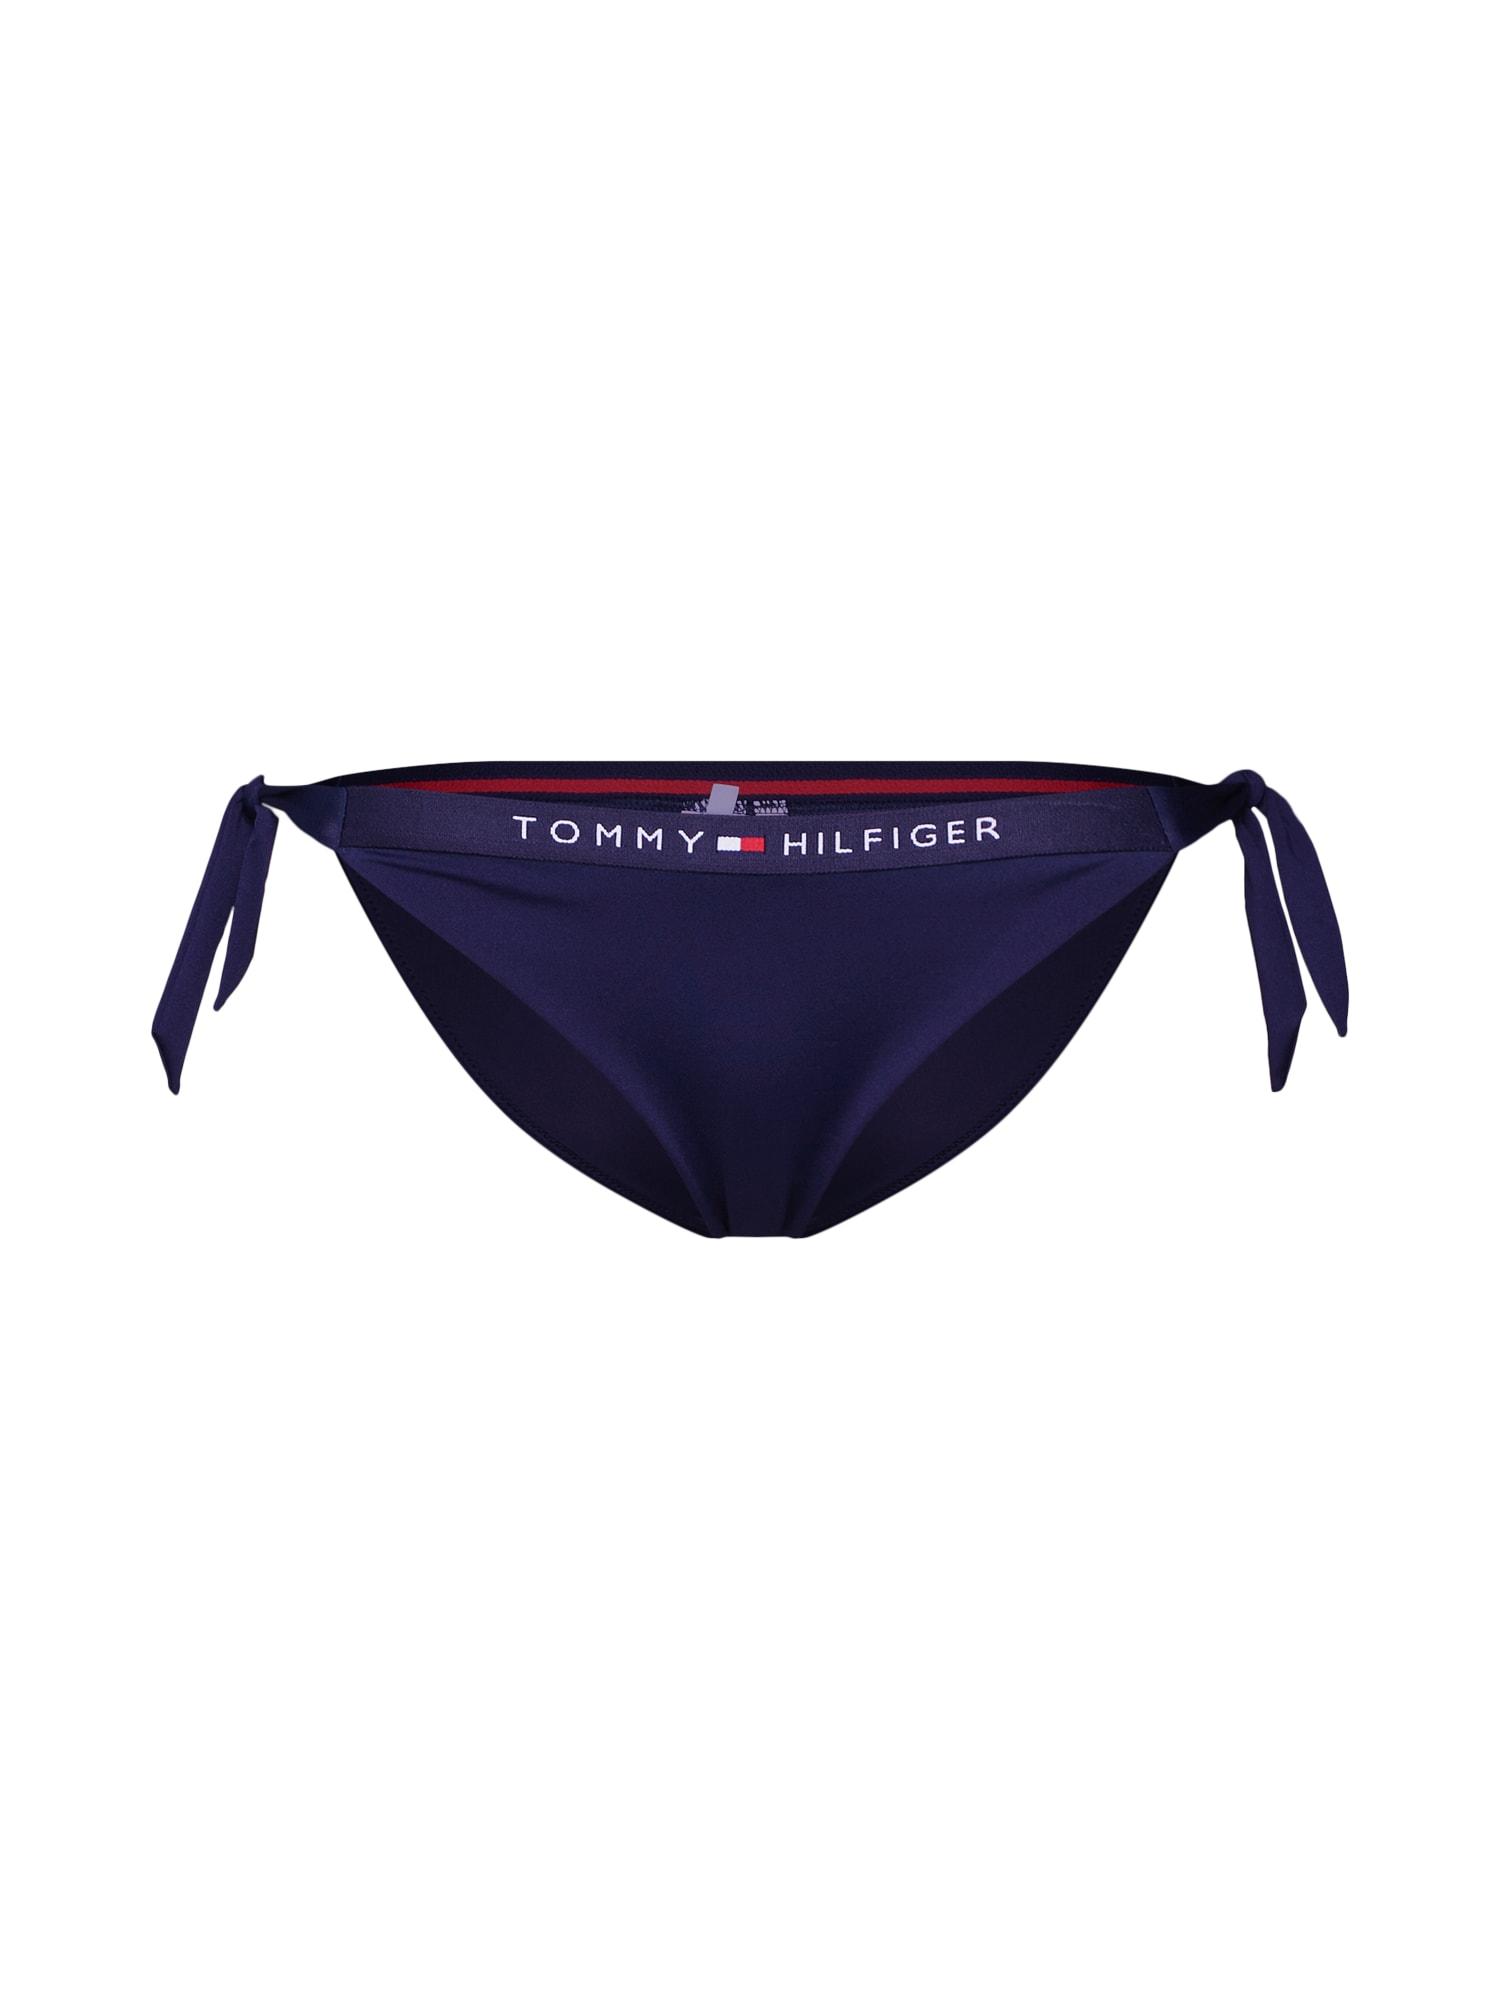 Tommy Hilfiger Underwear, Dames Bikinibroek 'CHEEKY SIDE TIE', navy